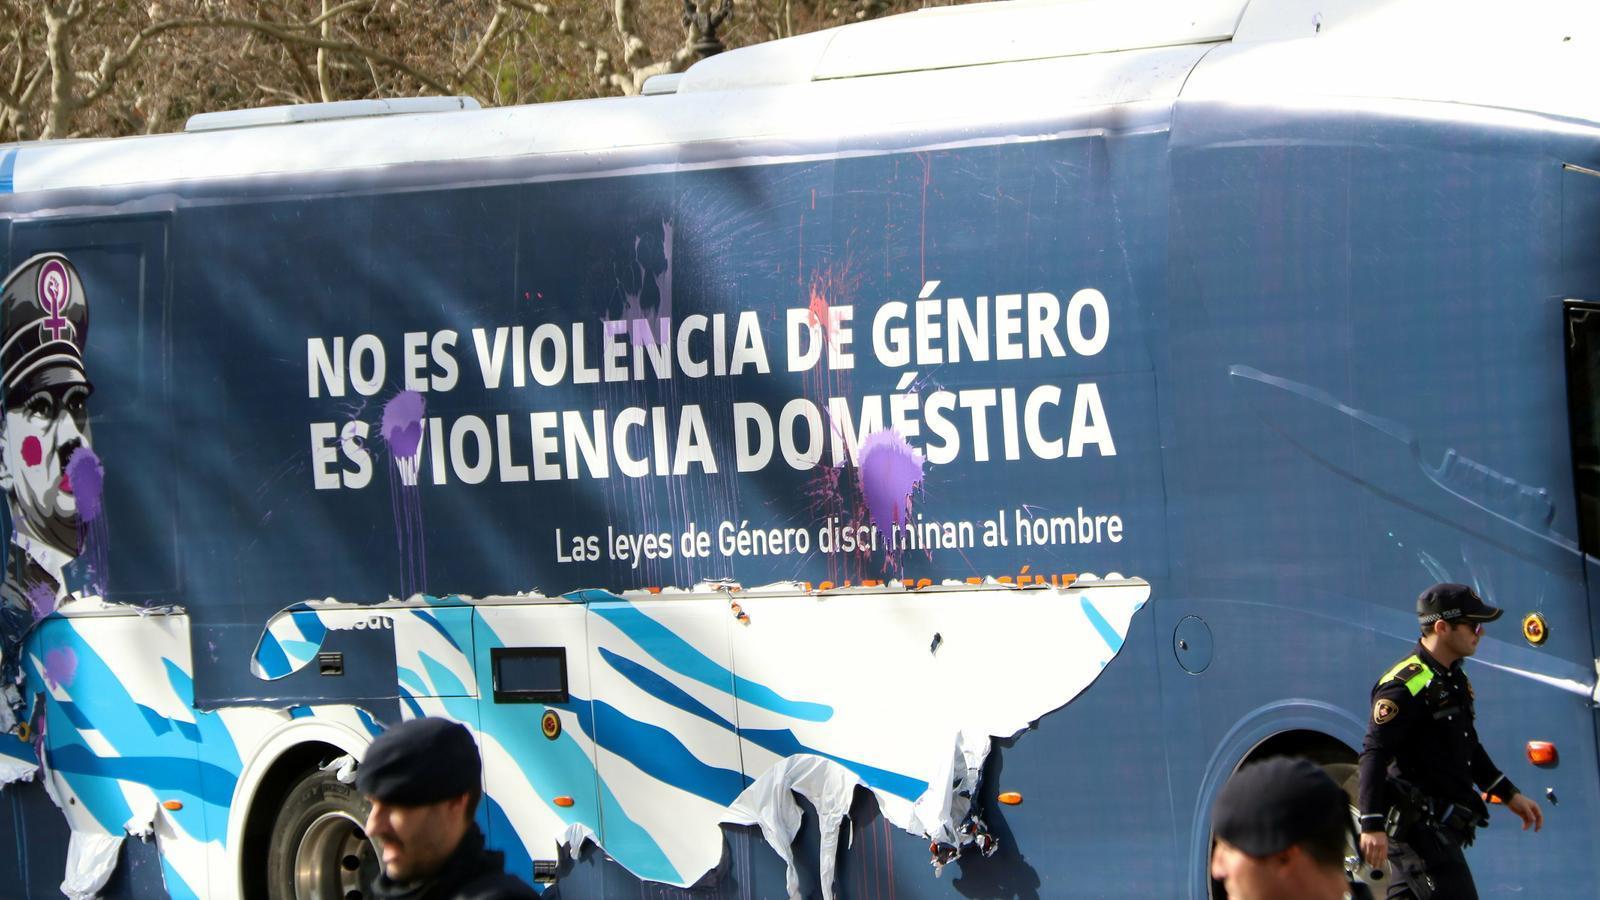 El jutge rebutja immobilitzar el bus antifeminista d'Hazte Oír apel·lant a la llibertat d'expressió